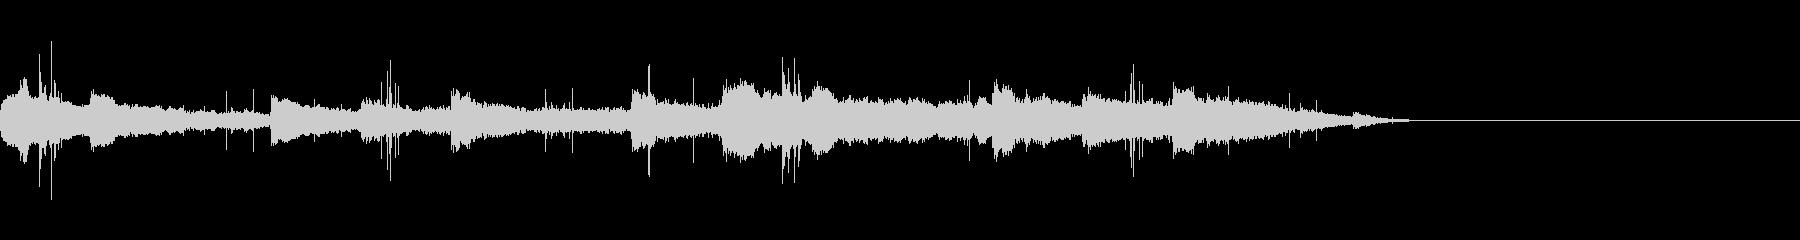 12秒 古いレコードのヴィオラとピアノの未再生の波形